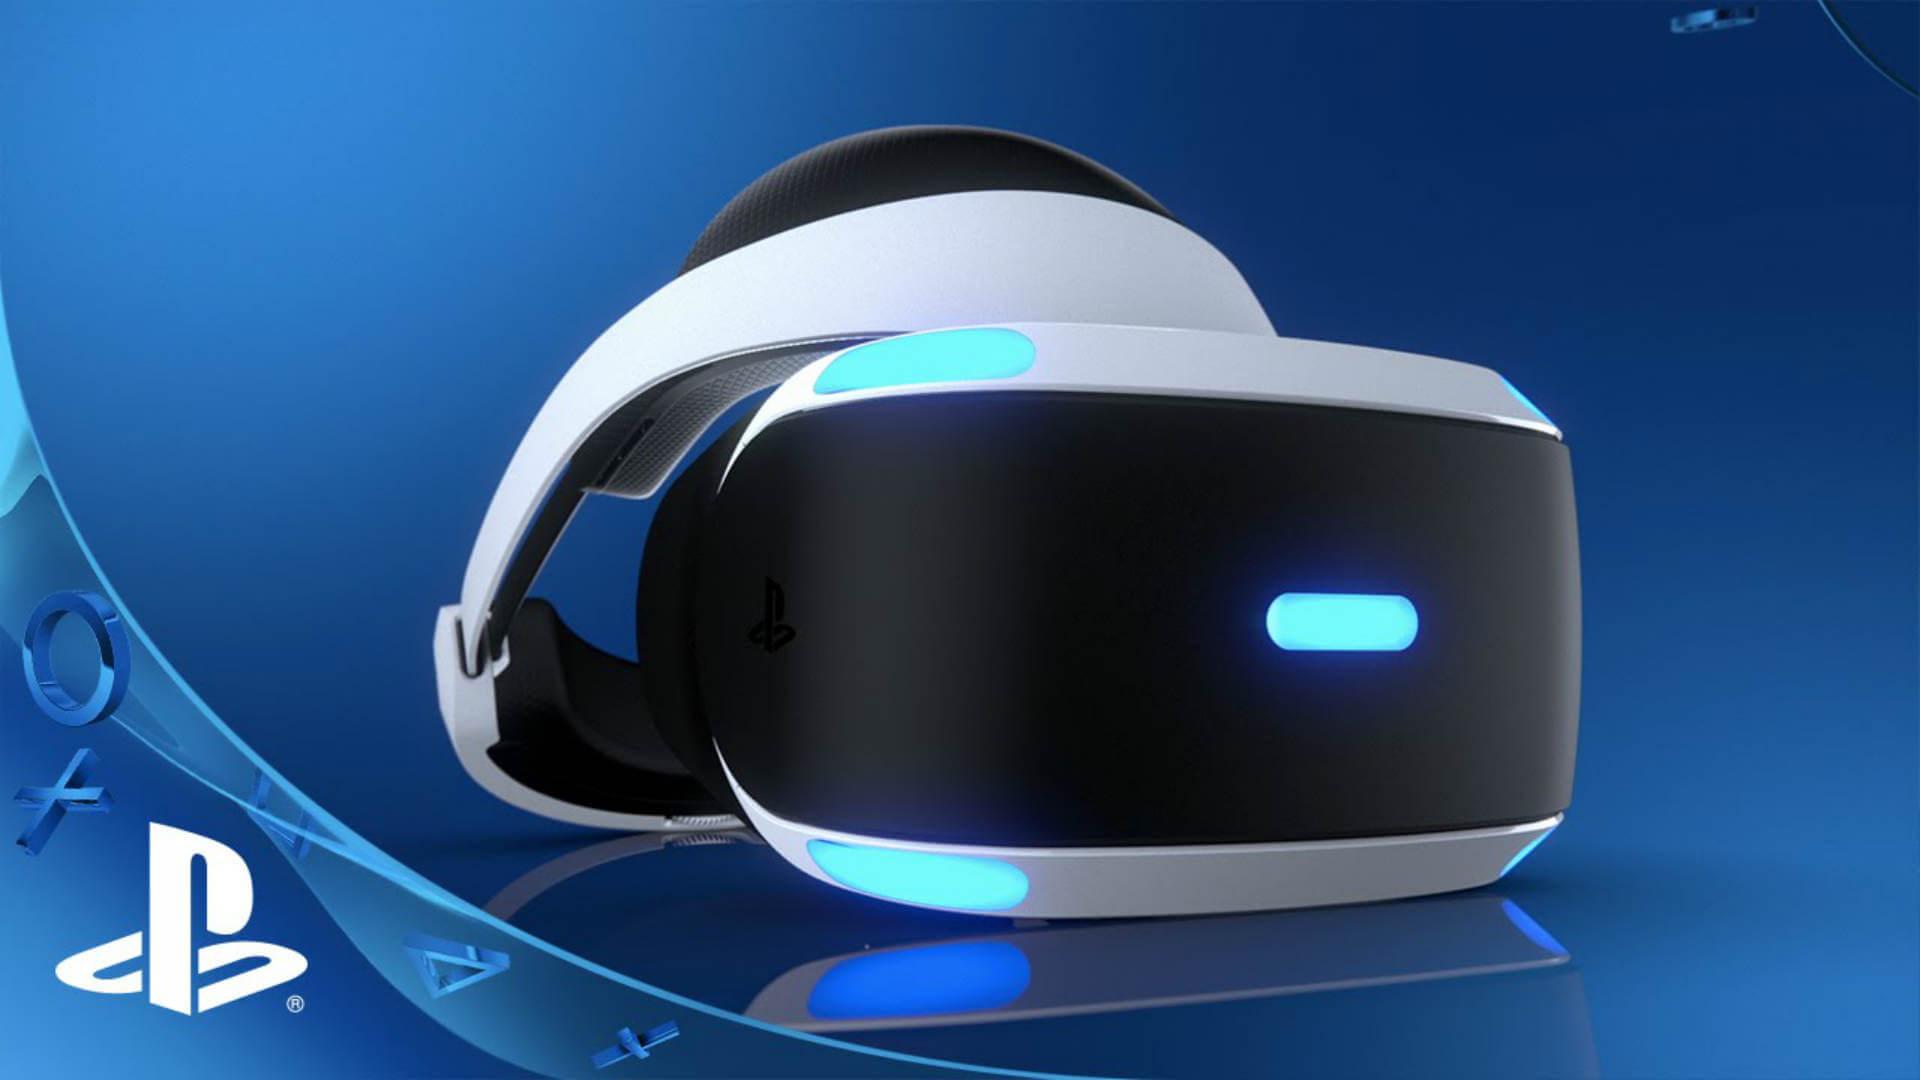 Nuova periferica per PlayStation 5 in arrivo?